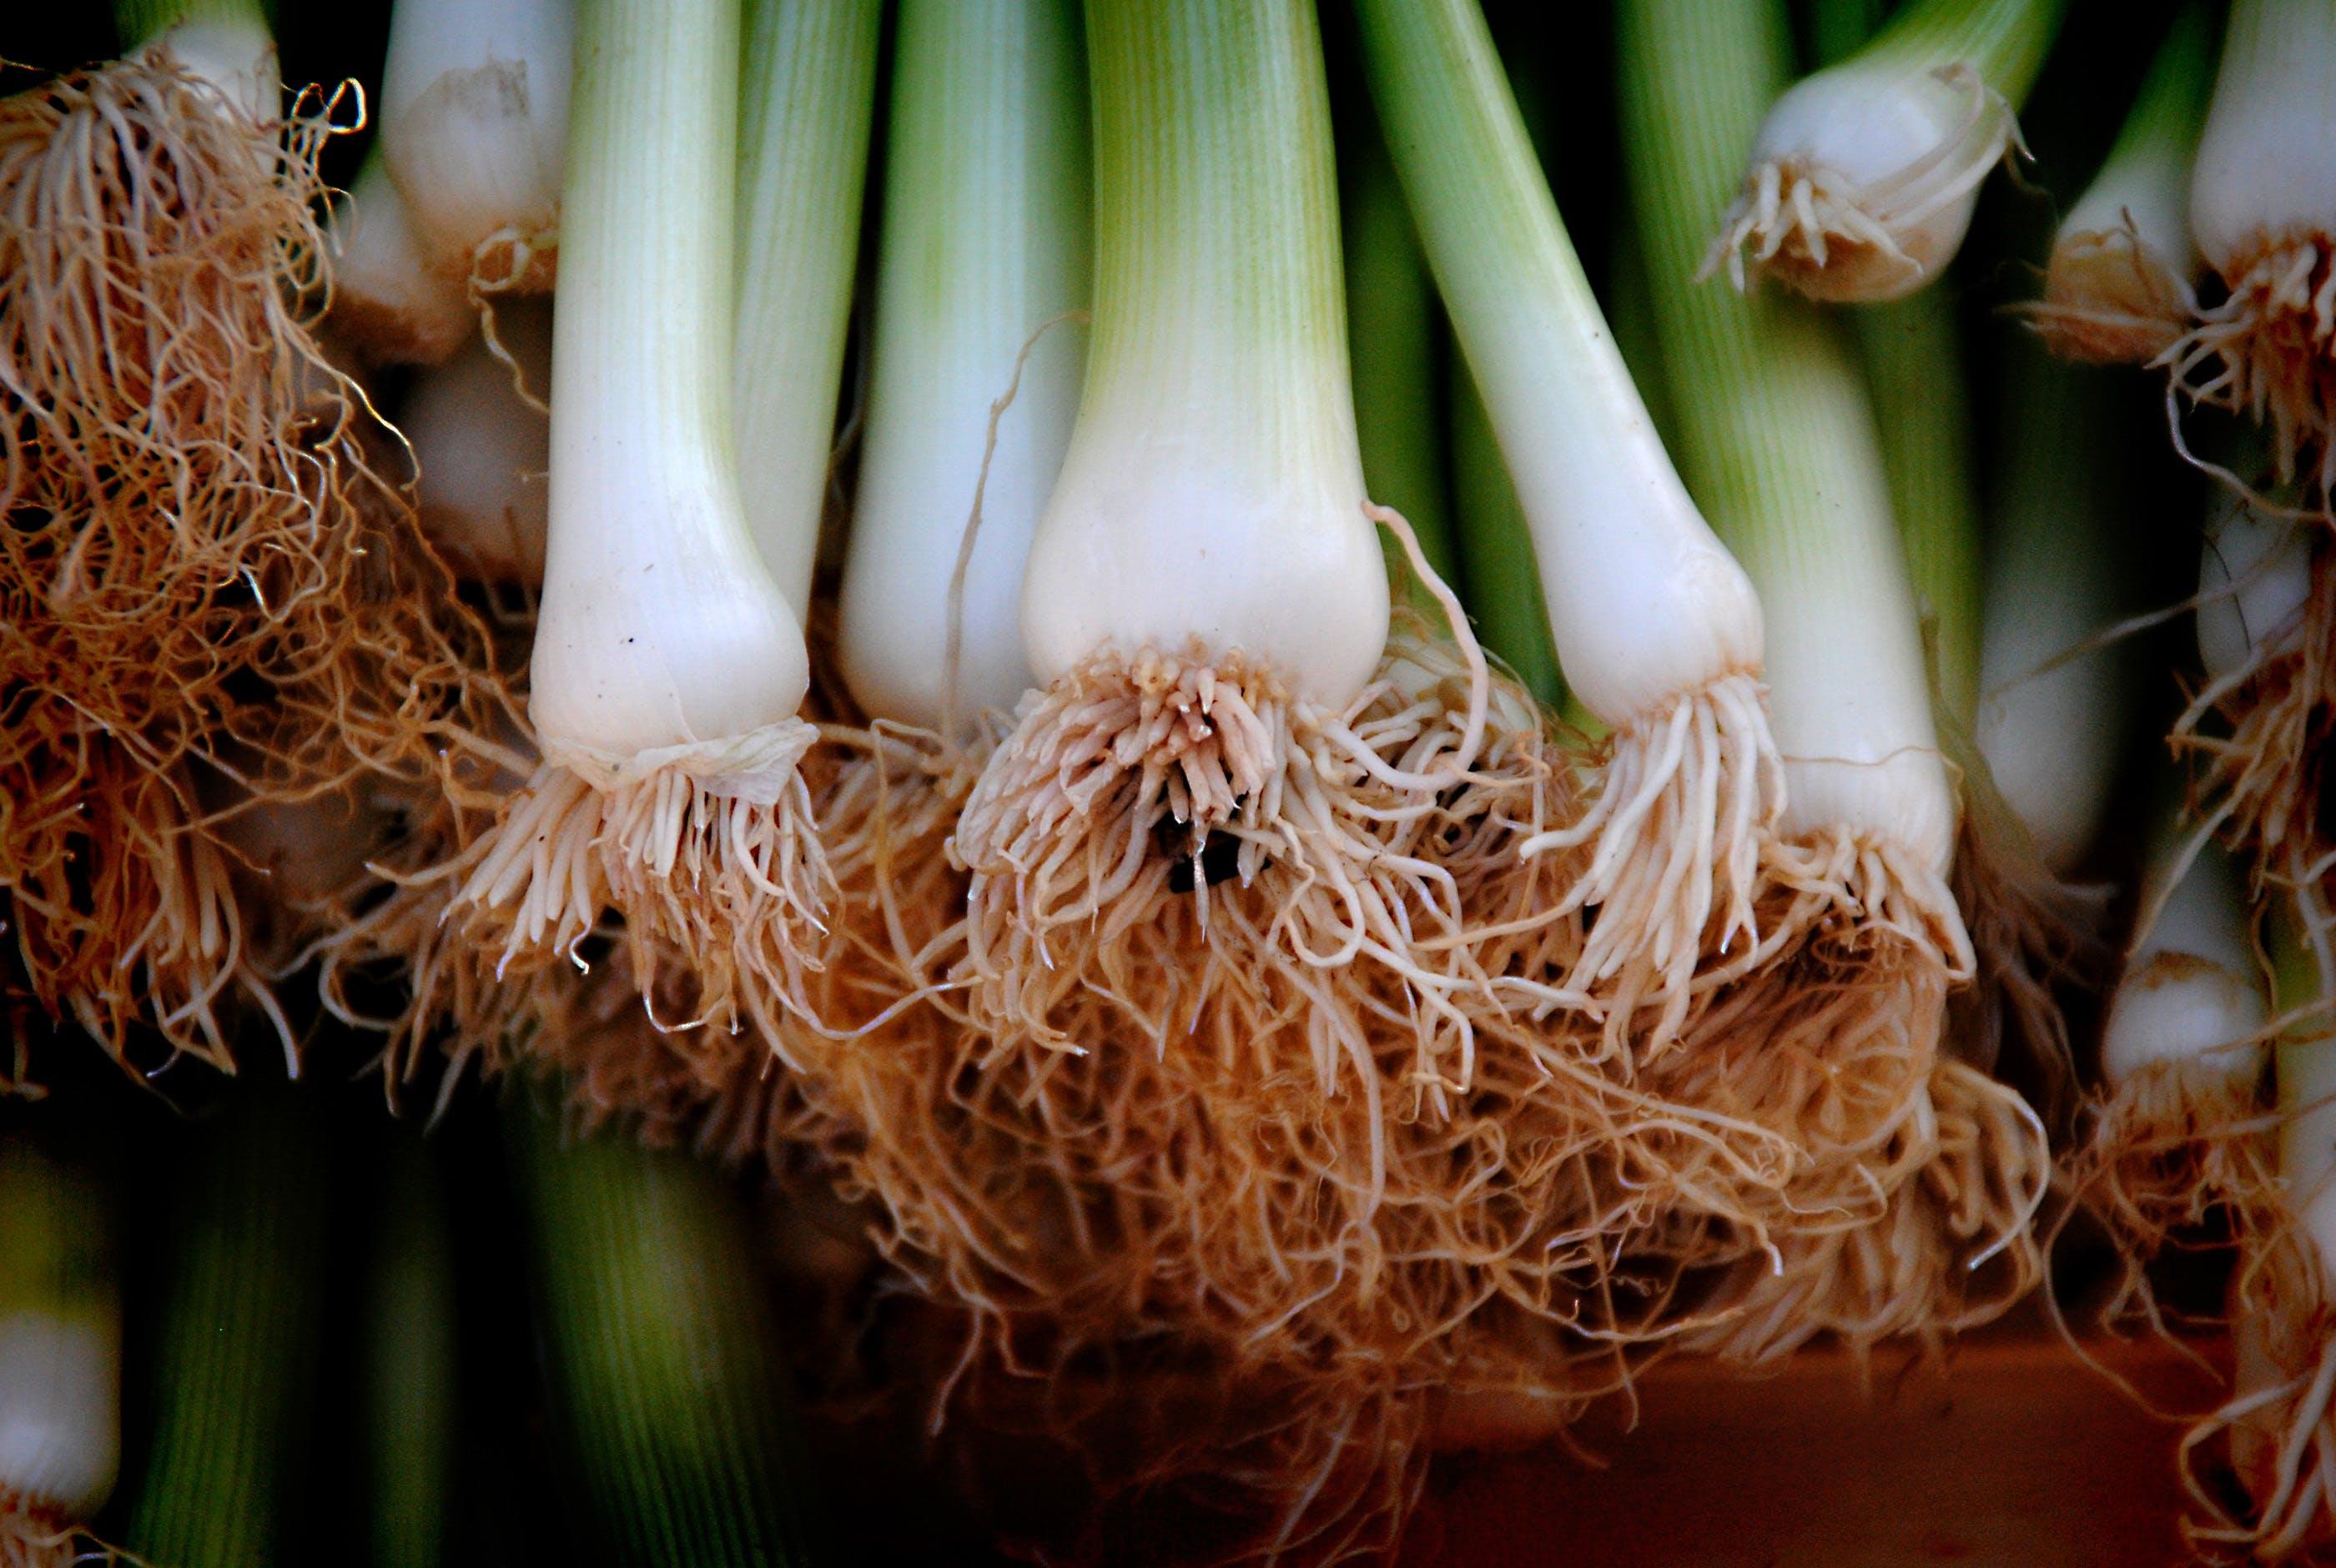 건강, 건강한, 녹색, 농장의 무료 스톡 사진